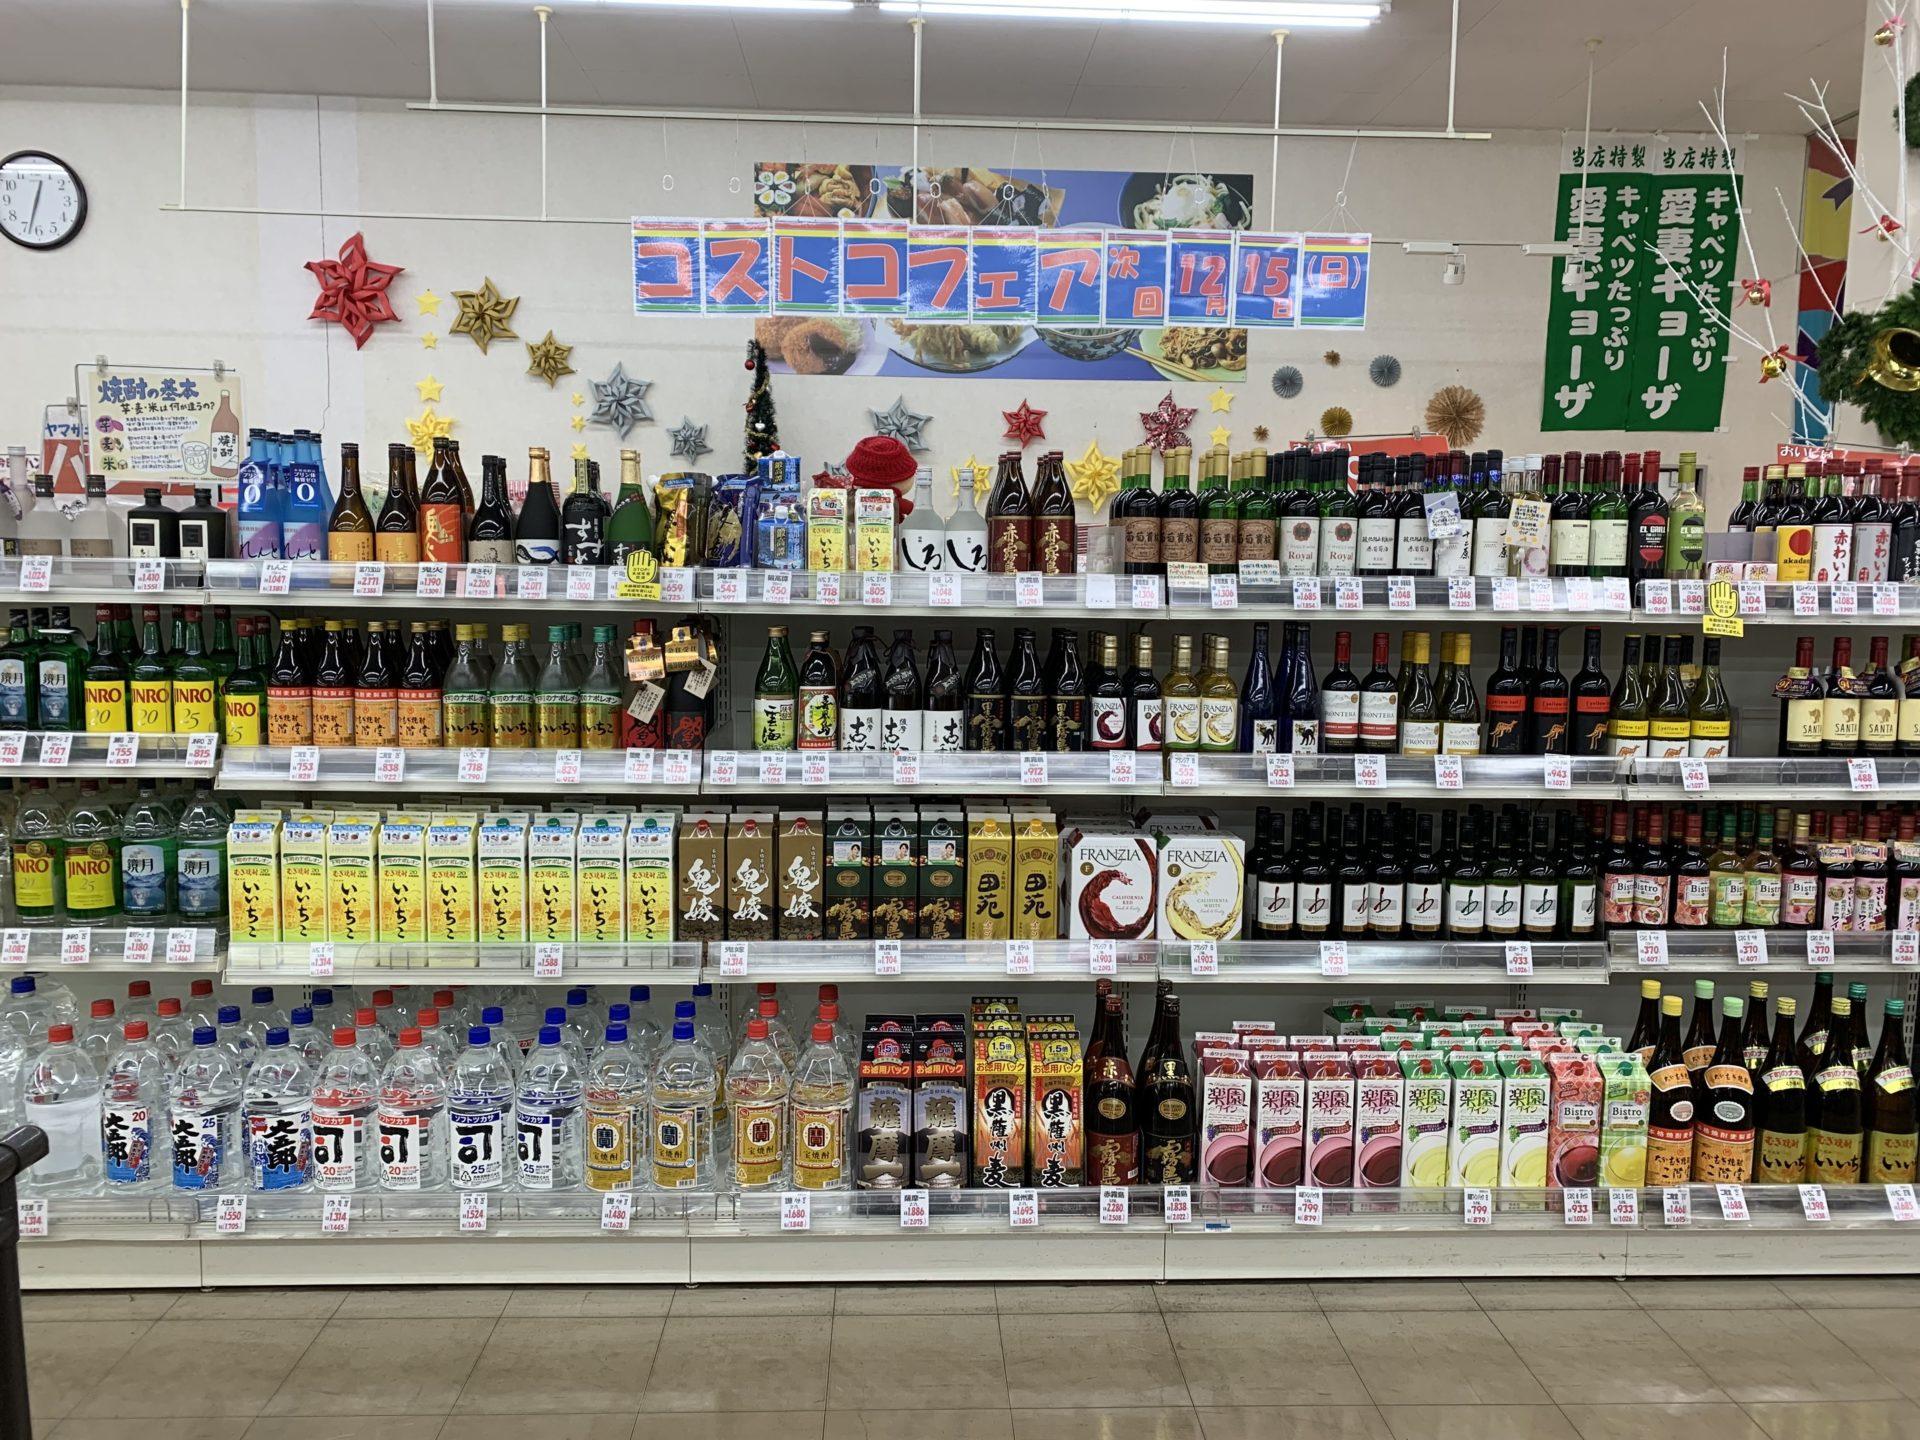 卸売センター「サンエイ」店内のアルコール類「焼酎・ワインなど」